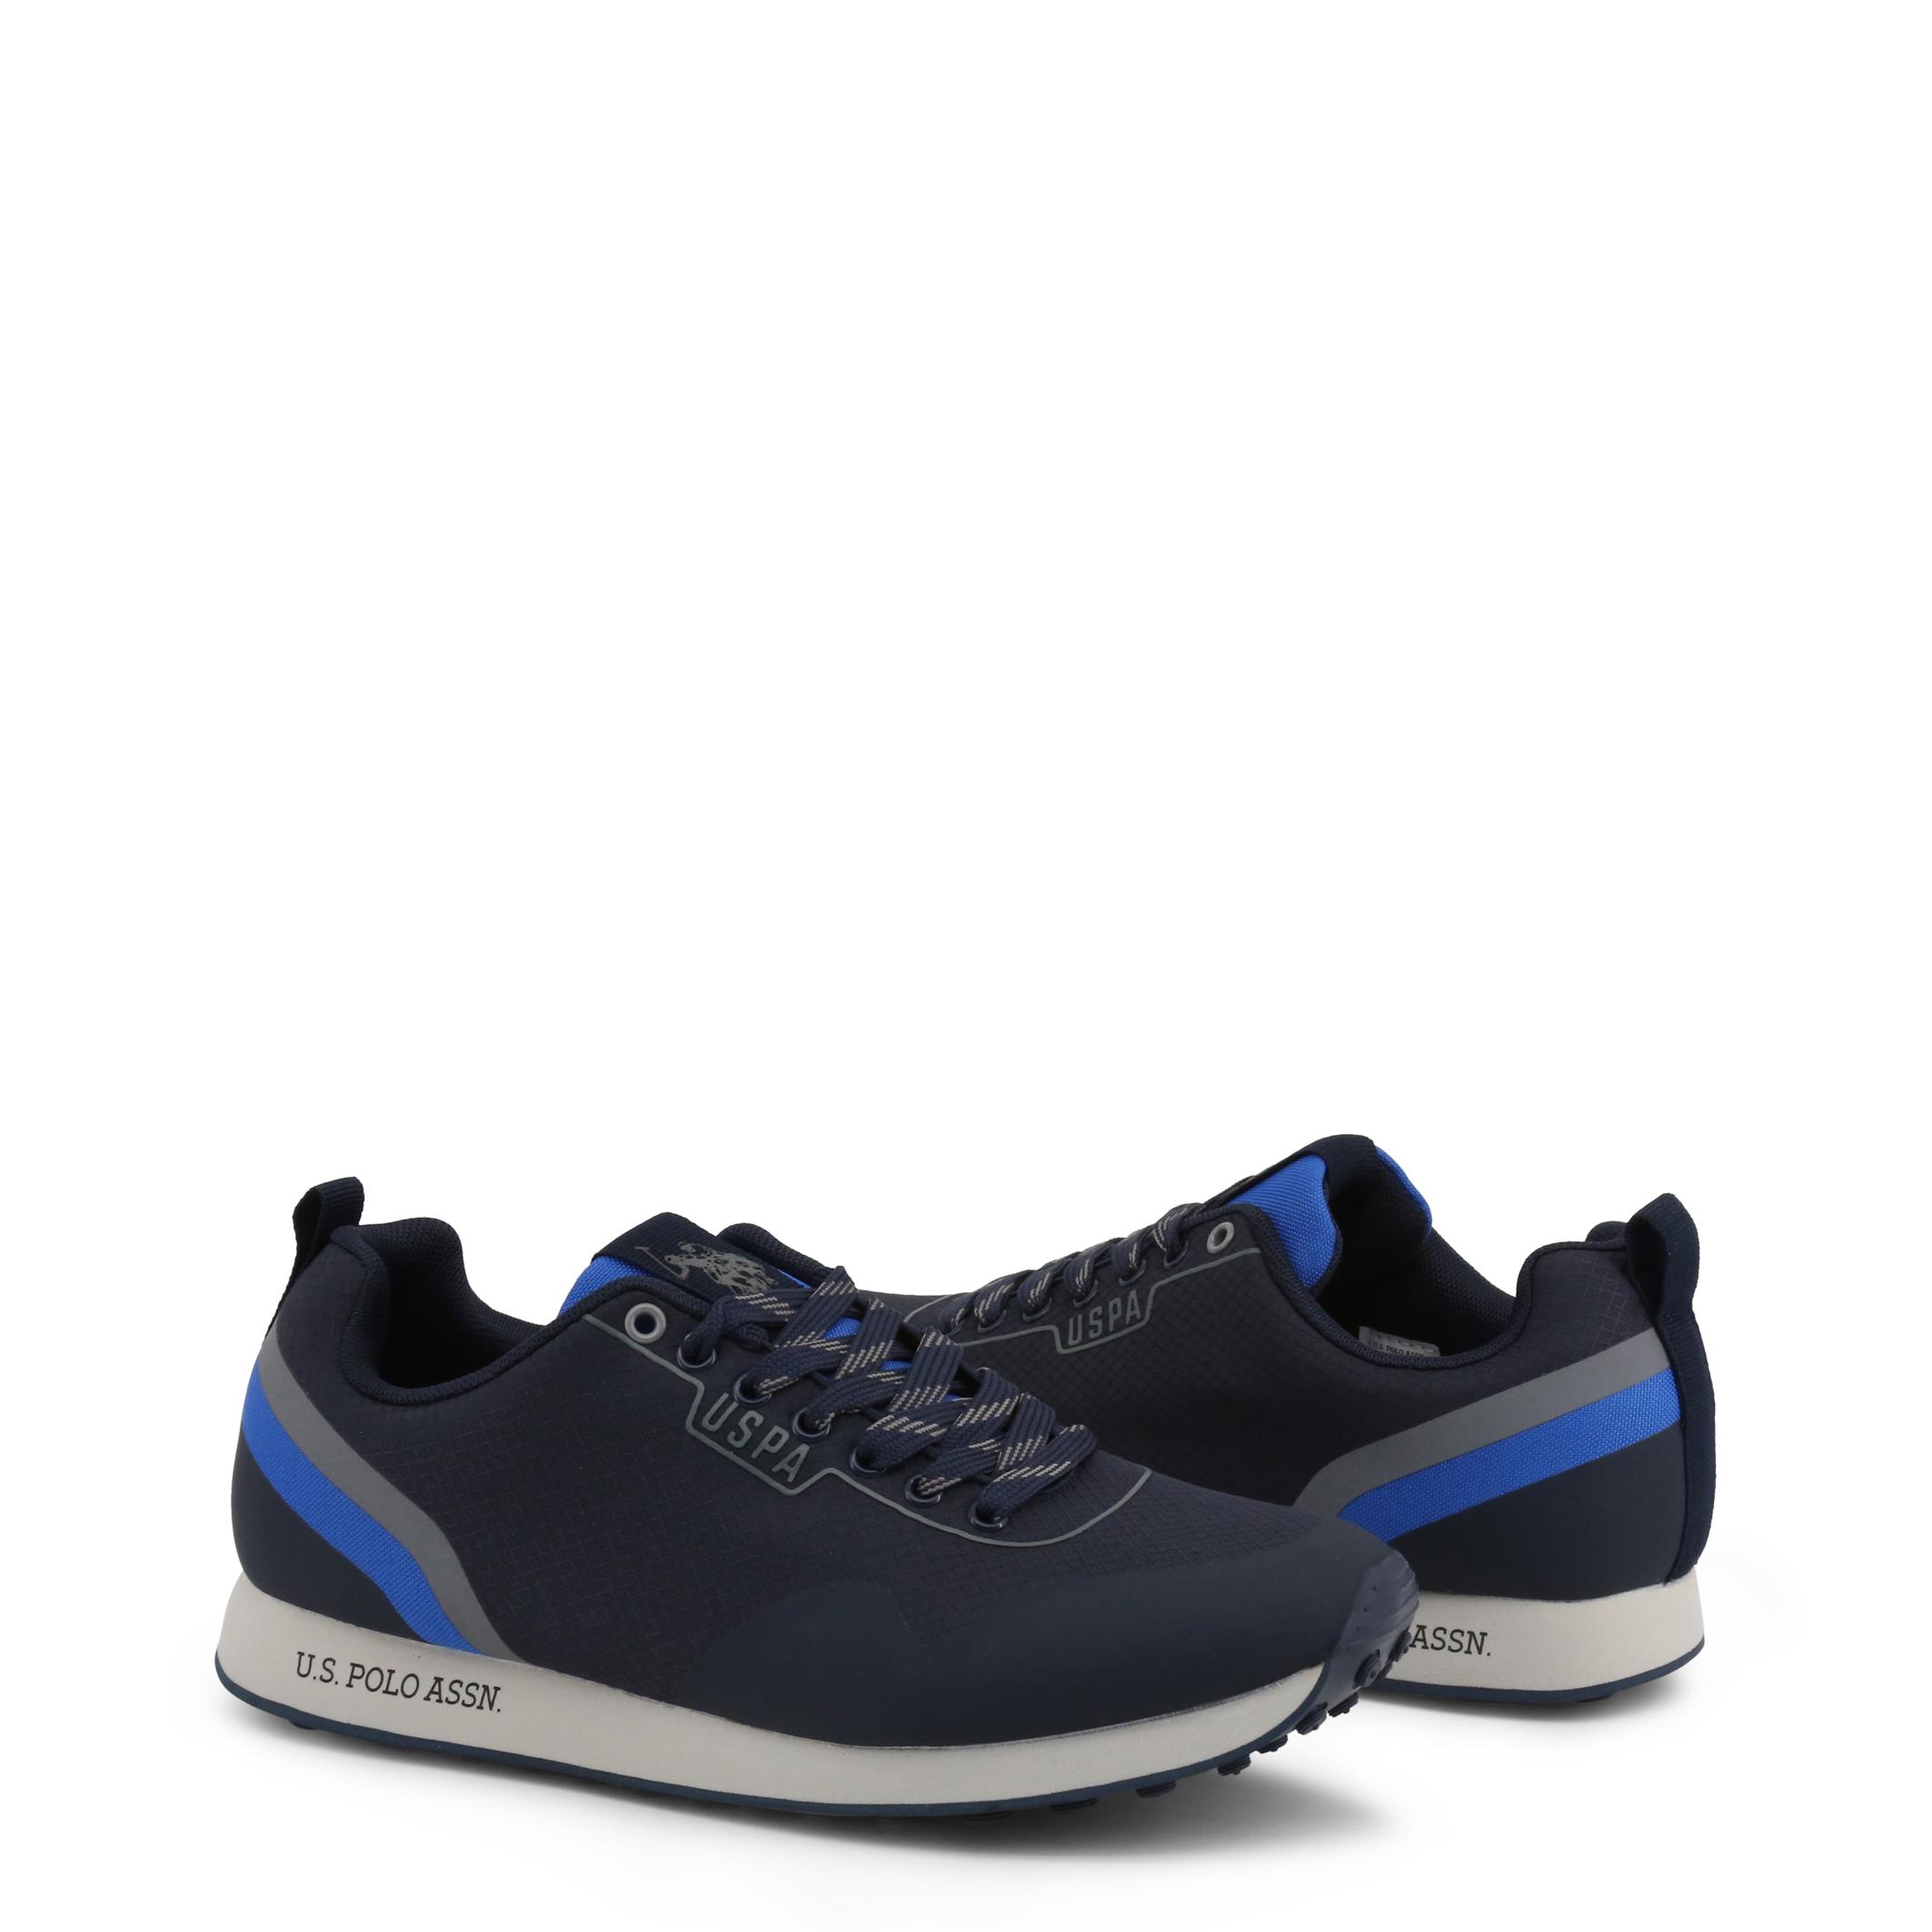 Baskets / Sport  U.S. Polo Assn. FLASH4119W9_T1_DKBL blue